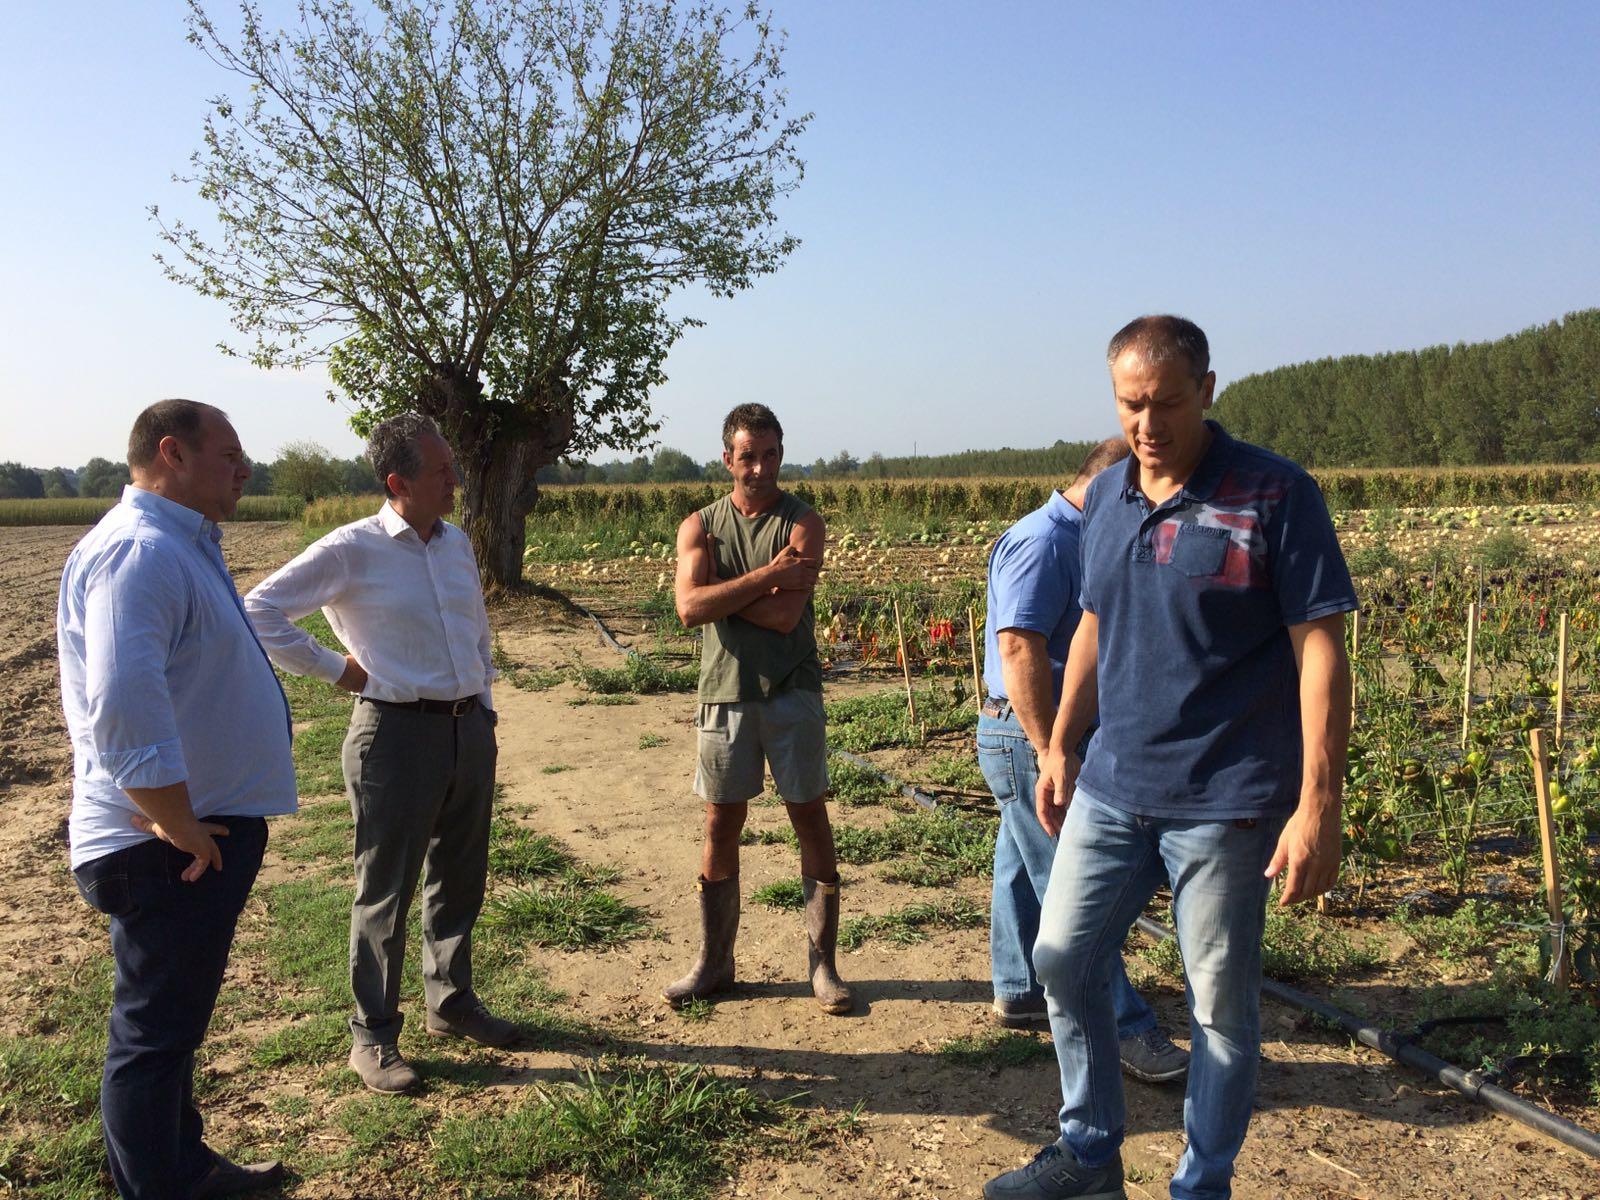 Grandine ad Alessandria: sopralluogo con Assessore regionale Regione Piemonte Giorgio Ferrero